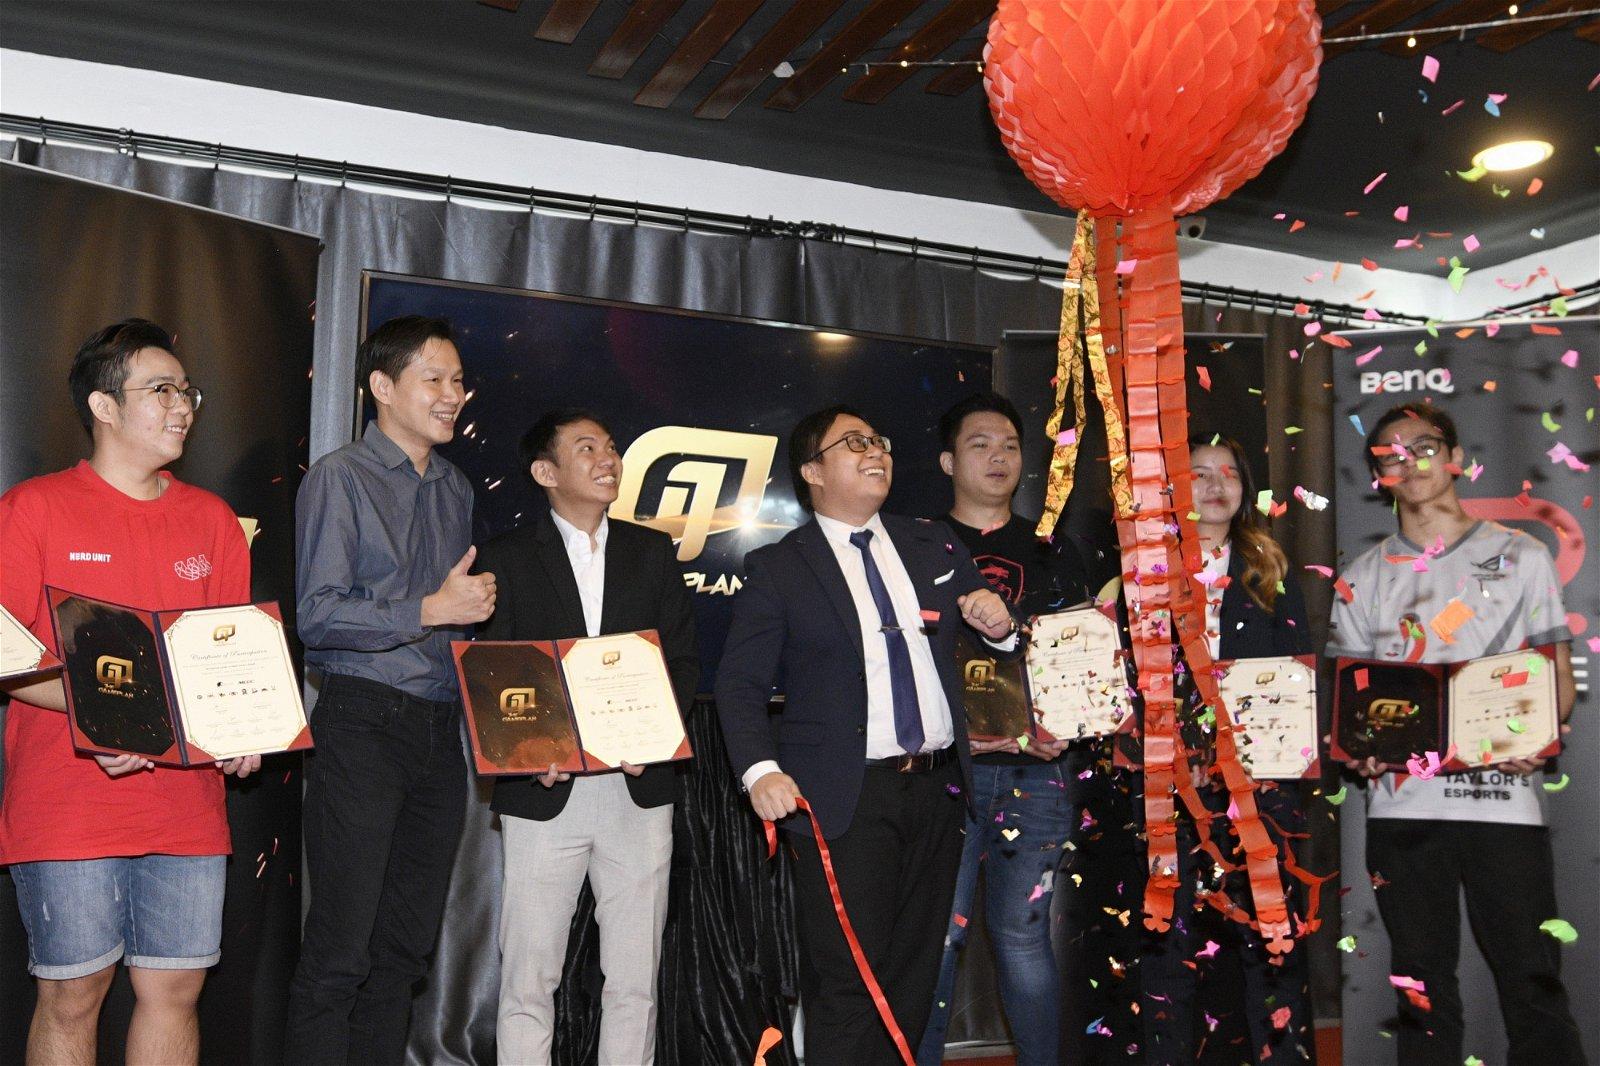 8所大学代表与Genysis Cyber E-sport执行董事苏鸿利(左3)在大马电竞协会沟通主管法洛见证下签署了为期5个月的竞赛合作协议。(摄影:伍信隆)